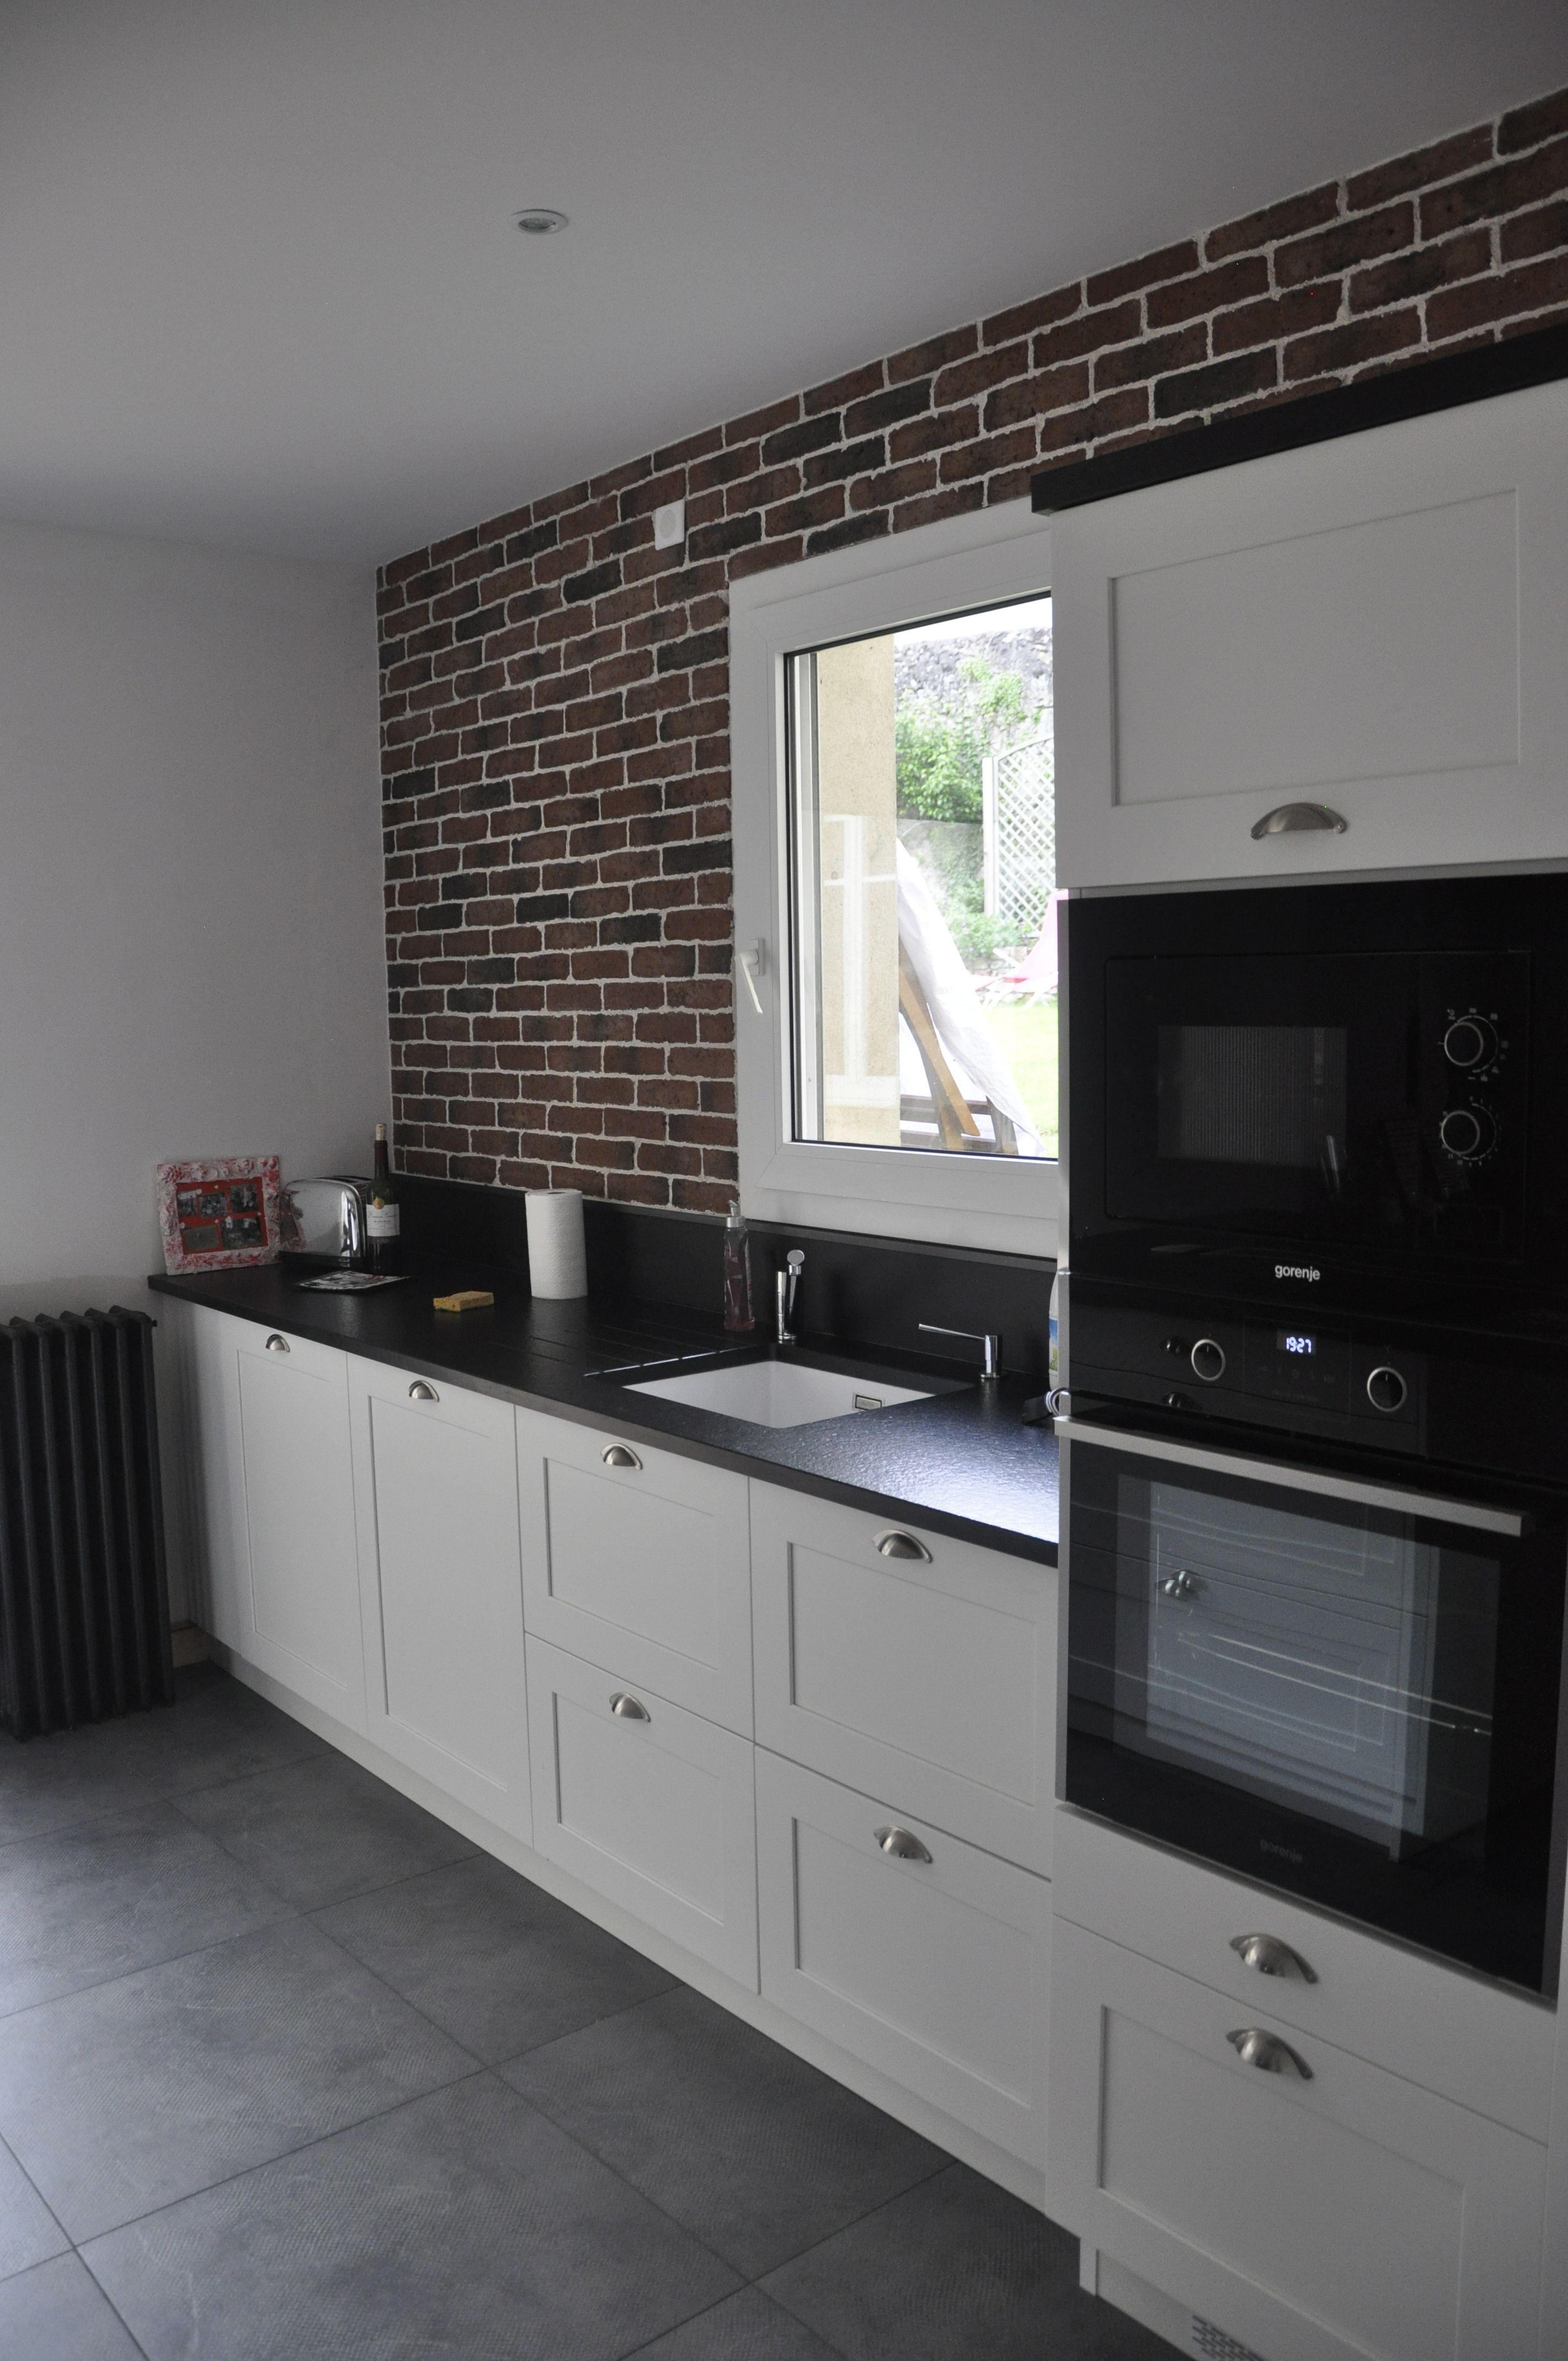 Hotte Sortant Du Plan De Travail cuisine blanche et granit noir sur mur brique style loft